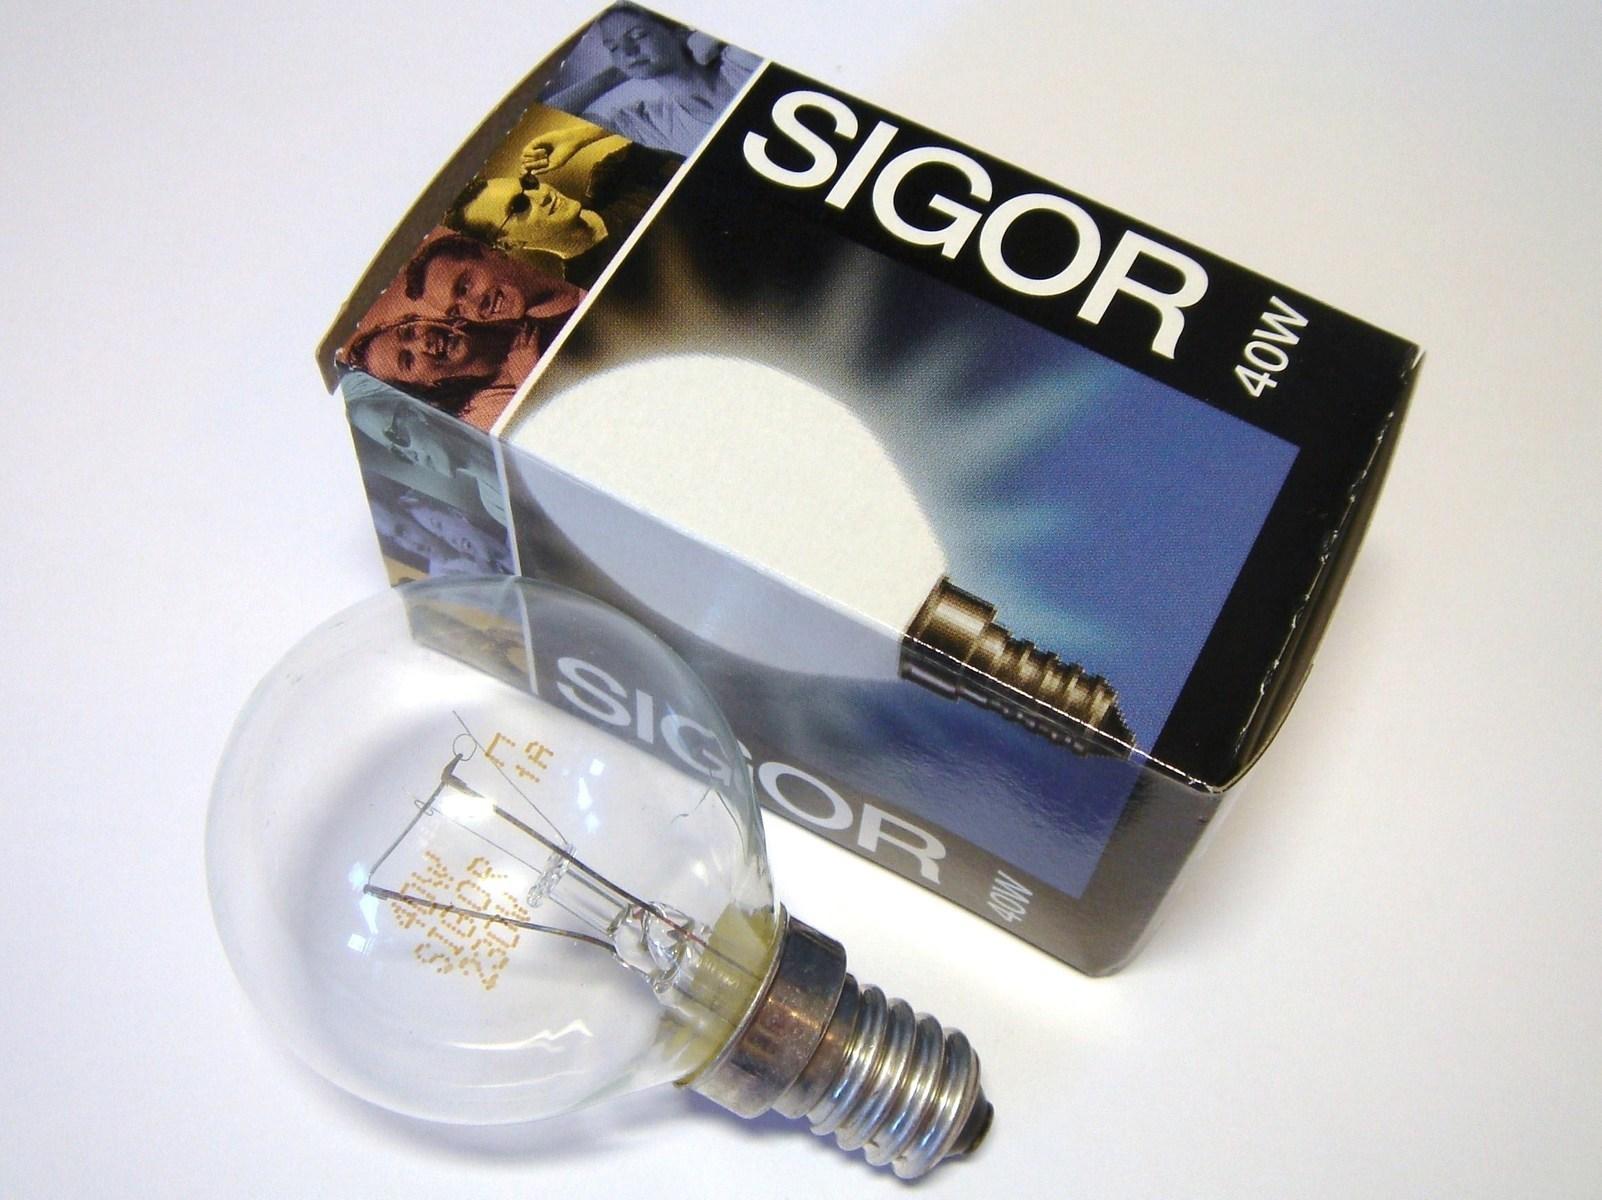 Hõõglamp 40 W, Sigor, 13140